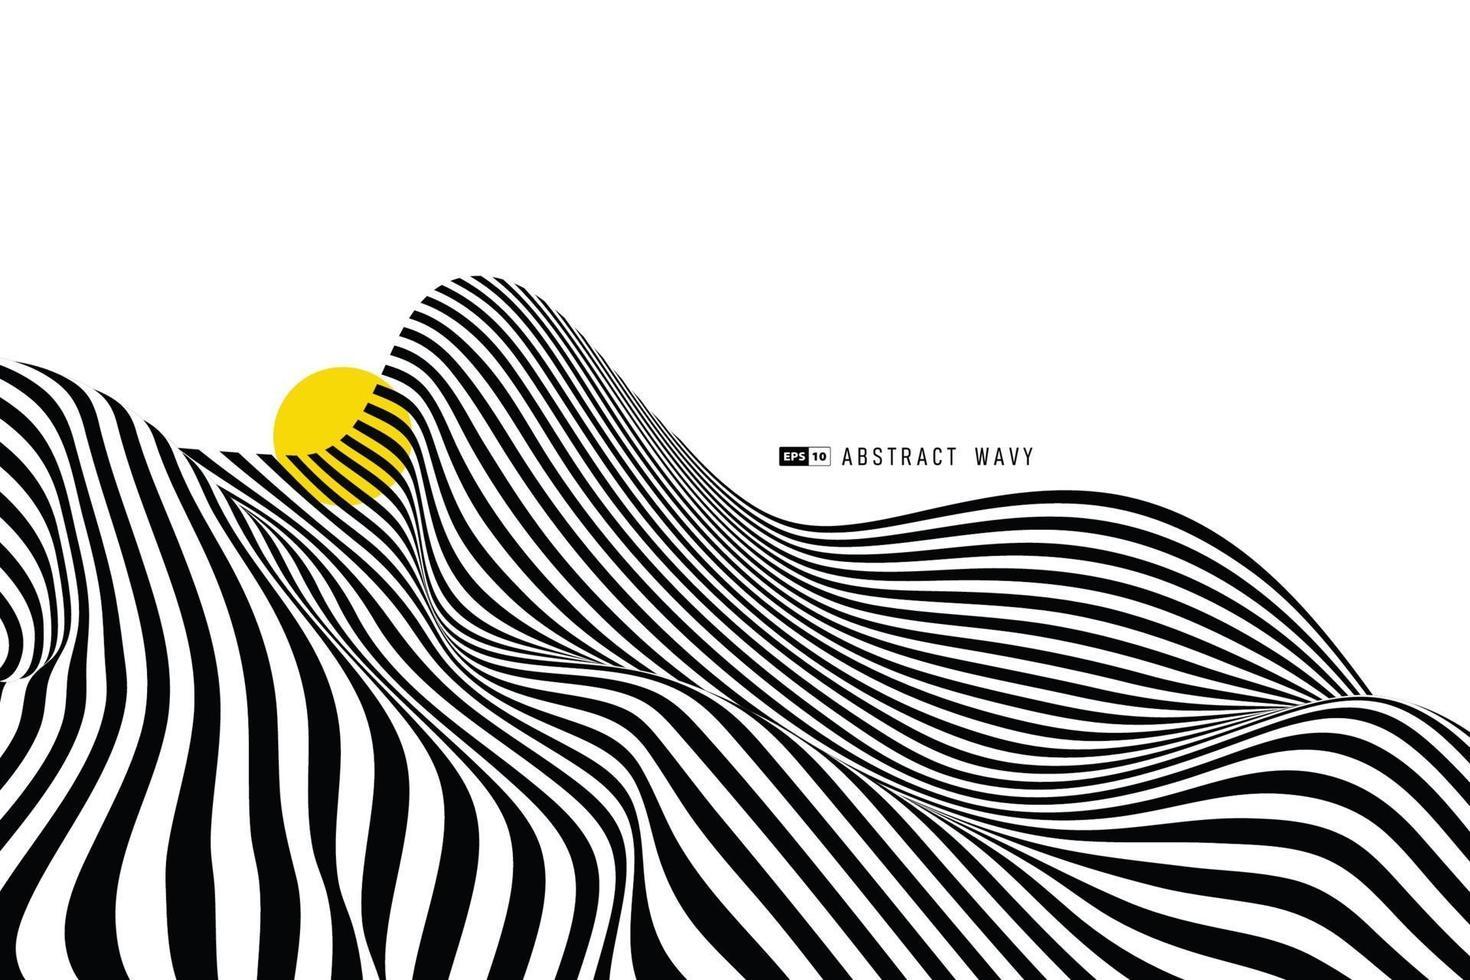 abstrakt svartvitt rand vågig linje av snedvridning dekorera täcka bakgrund. illustration vektor eps10